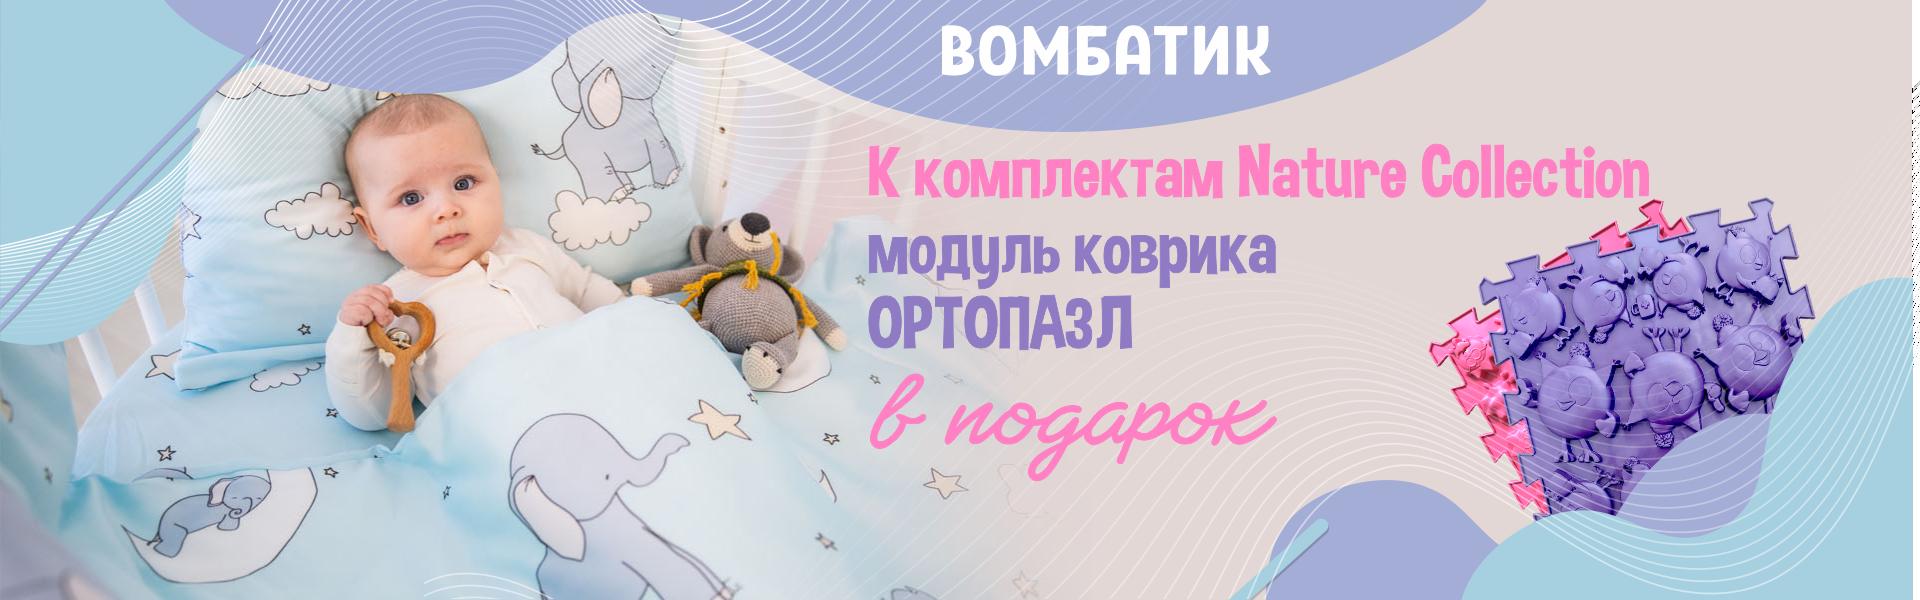 Бомбатик+орто